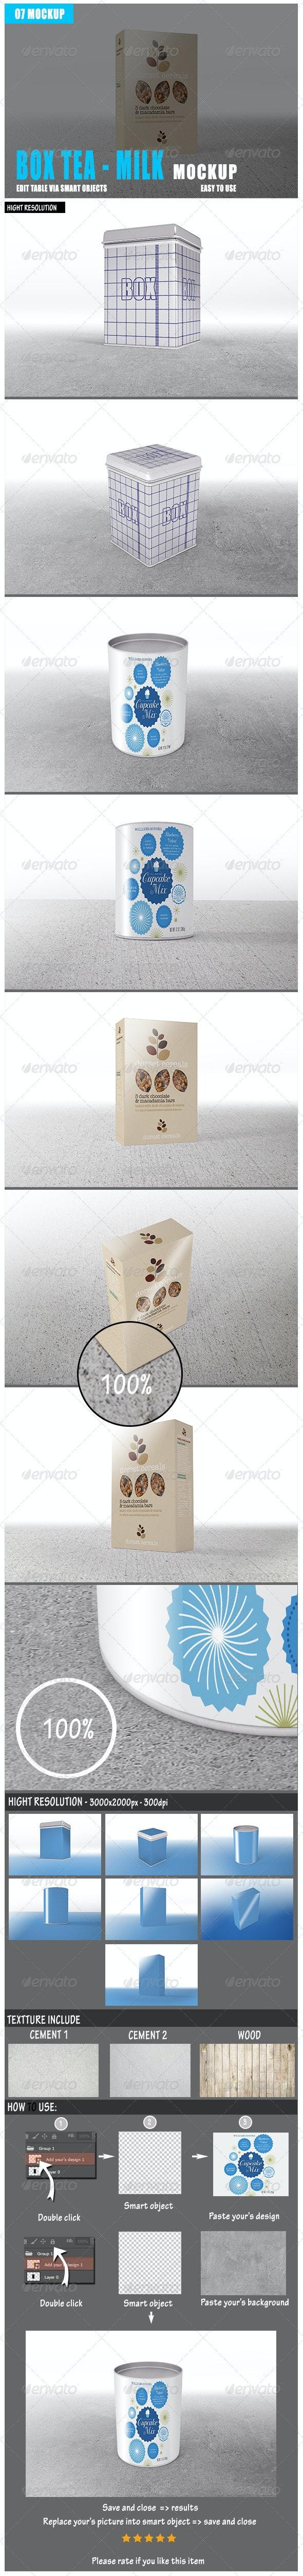 Box Tea Milk Mockup - Food and Drink Packaging